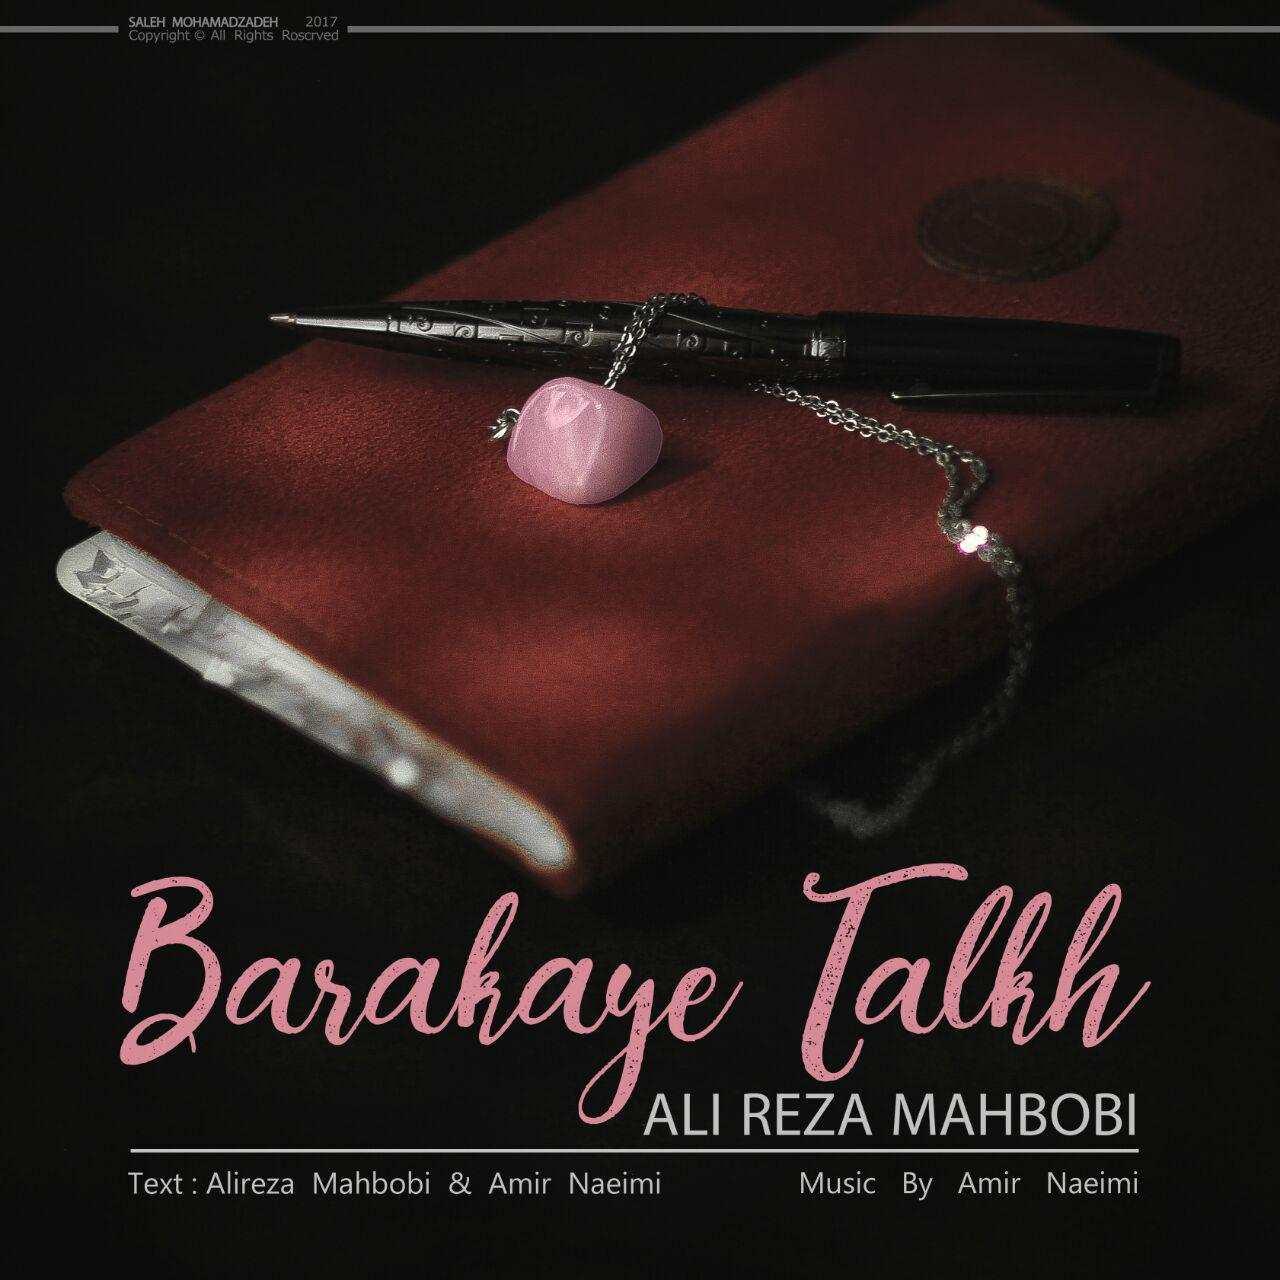 نامبر وان موزیک | دانلود آهنگ جدید Alireza-Mahbobi-Barakaye-Talkh